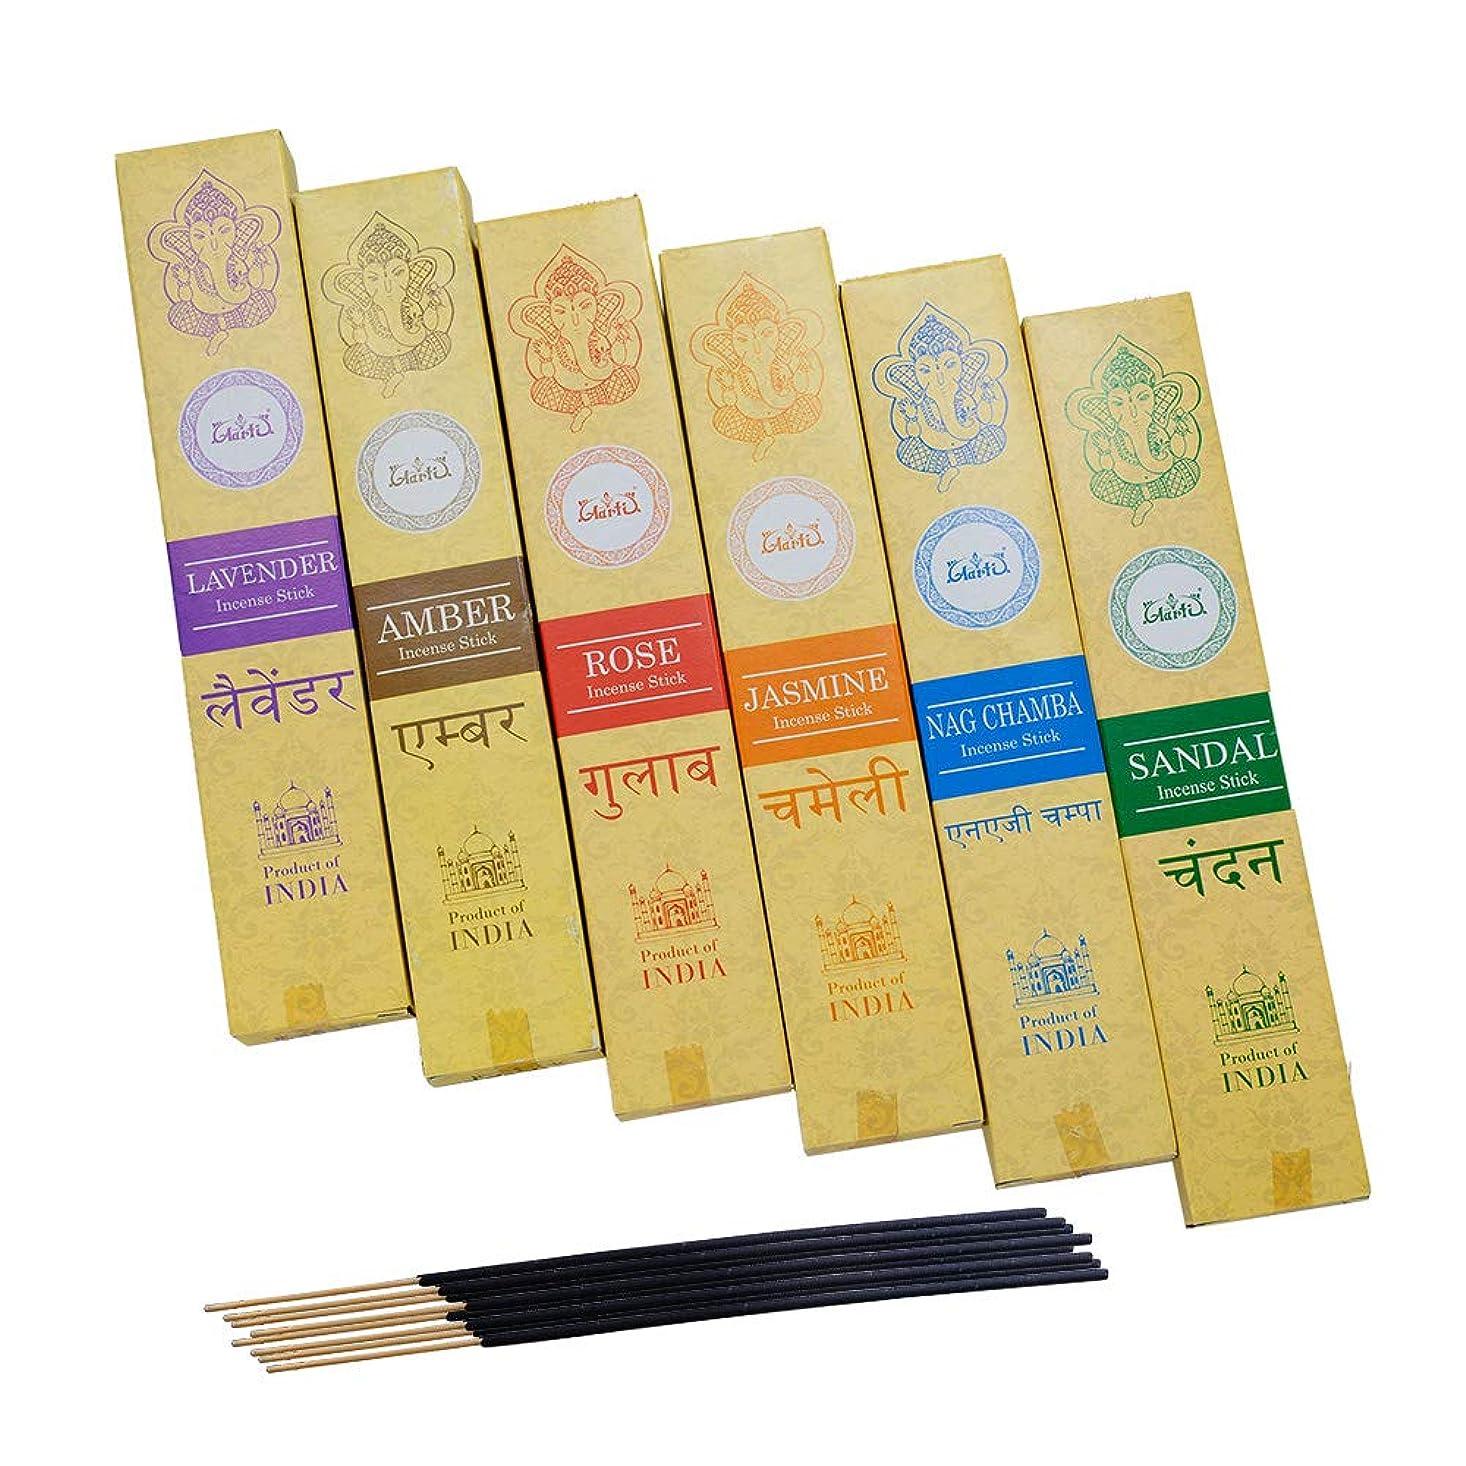 歌製品バスタブ神戸アールティー インド お香 6種類 セット スティック インセンス